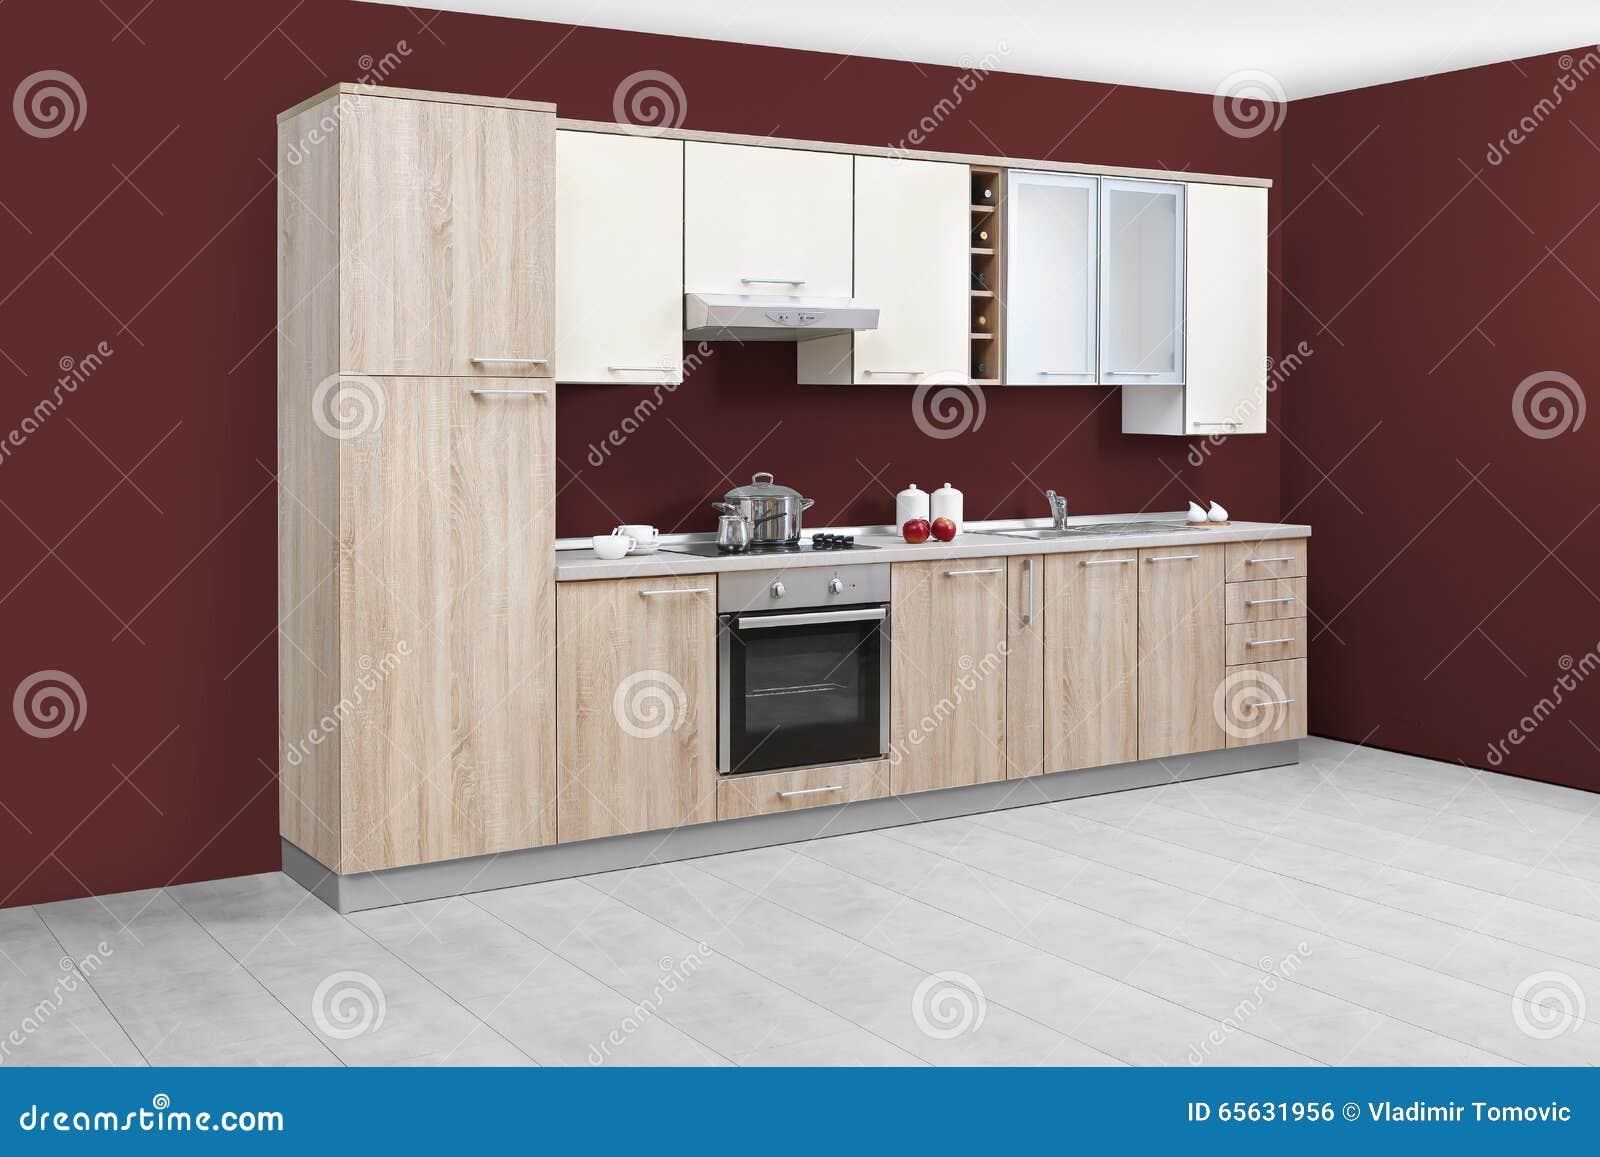 Cuisine moderne meubles en bois simple et propre photo for Cuisine moderne et simple